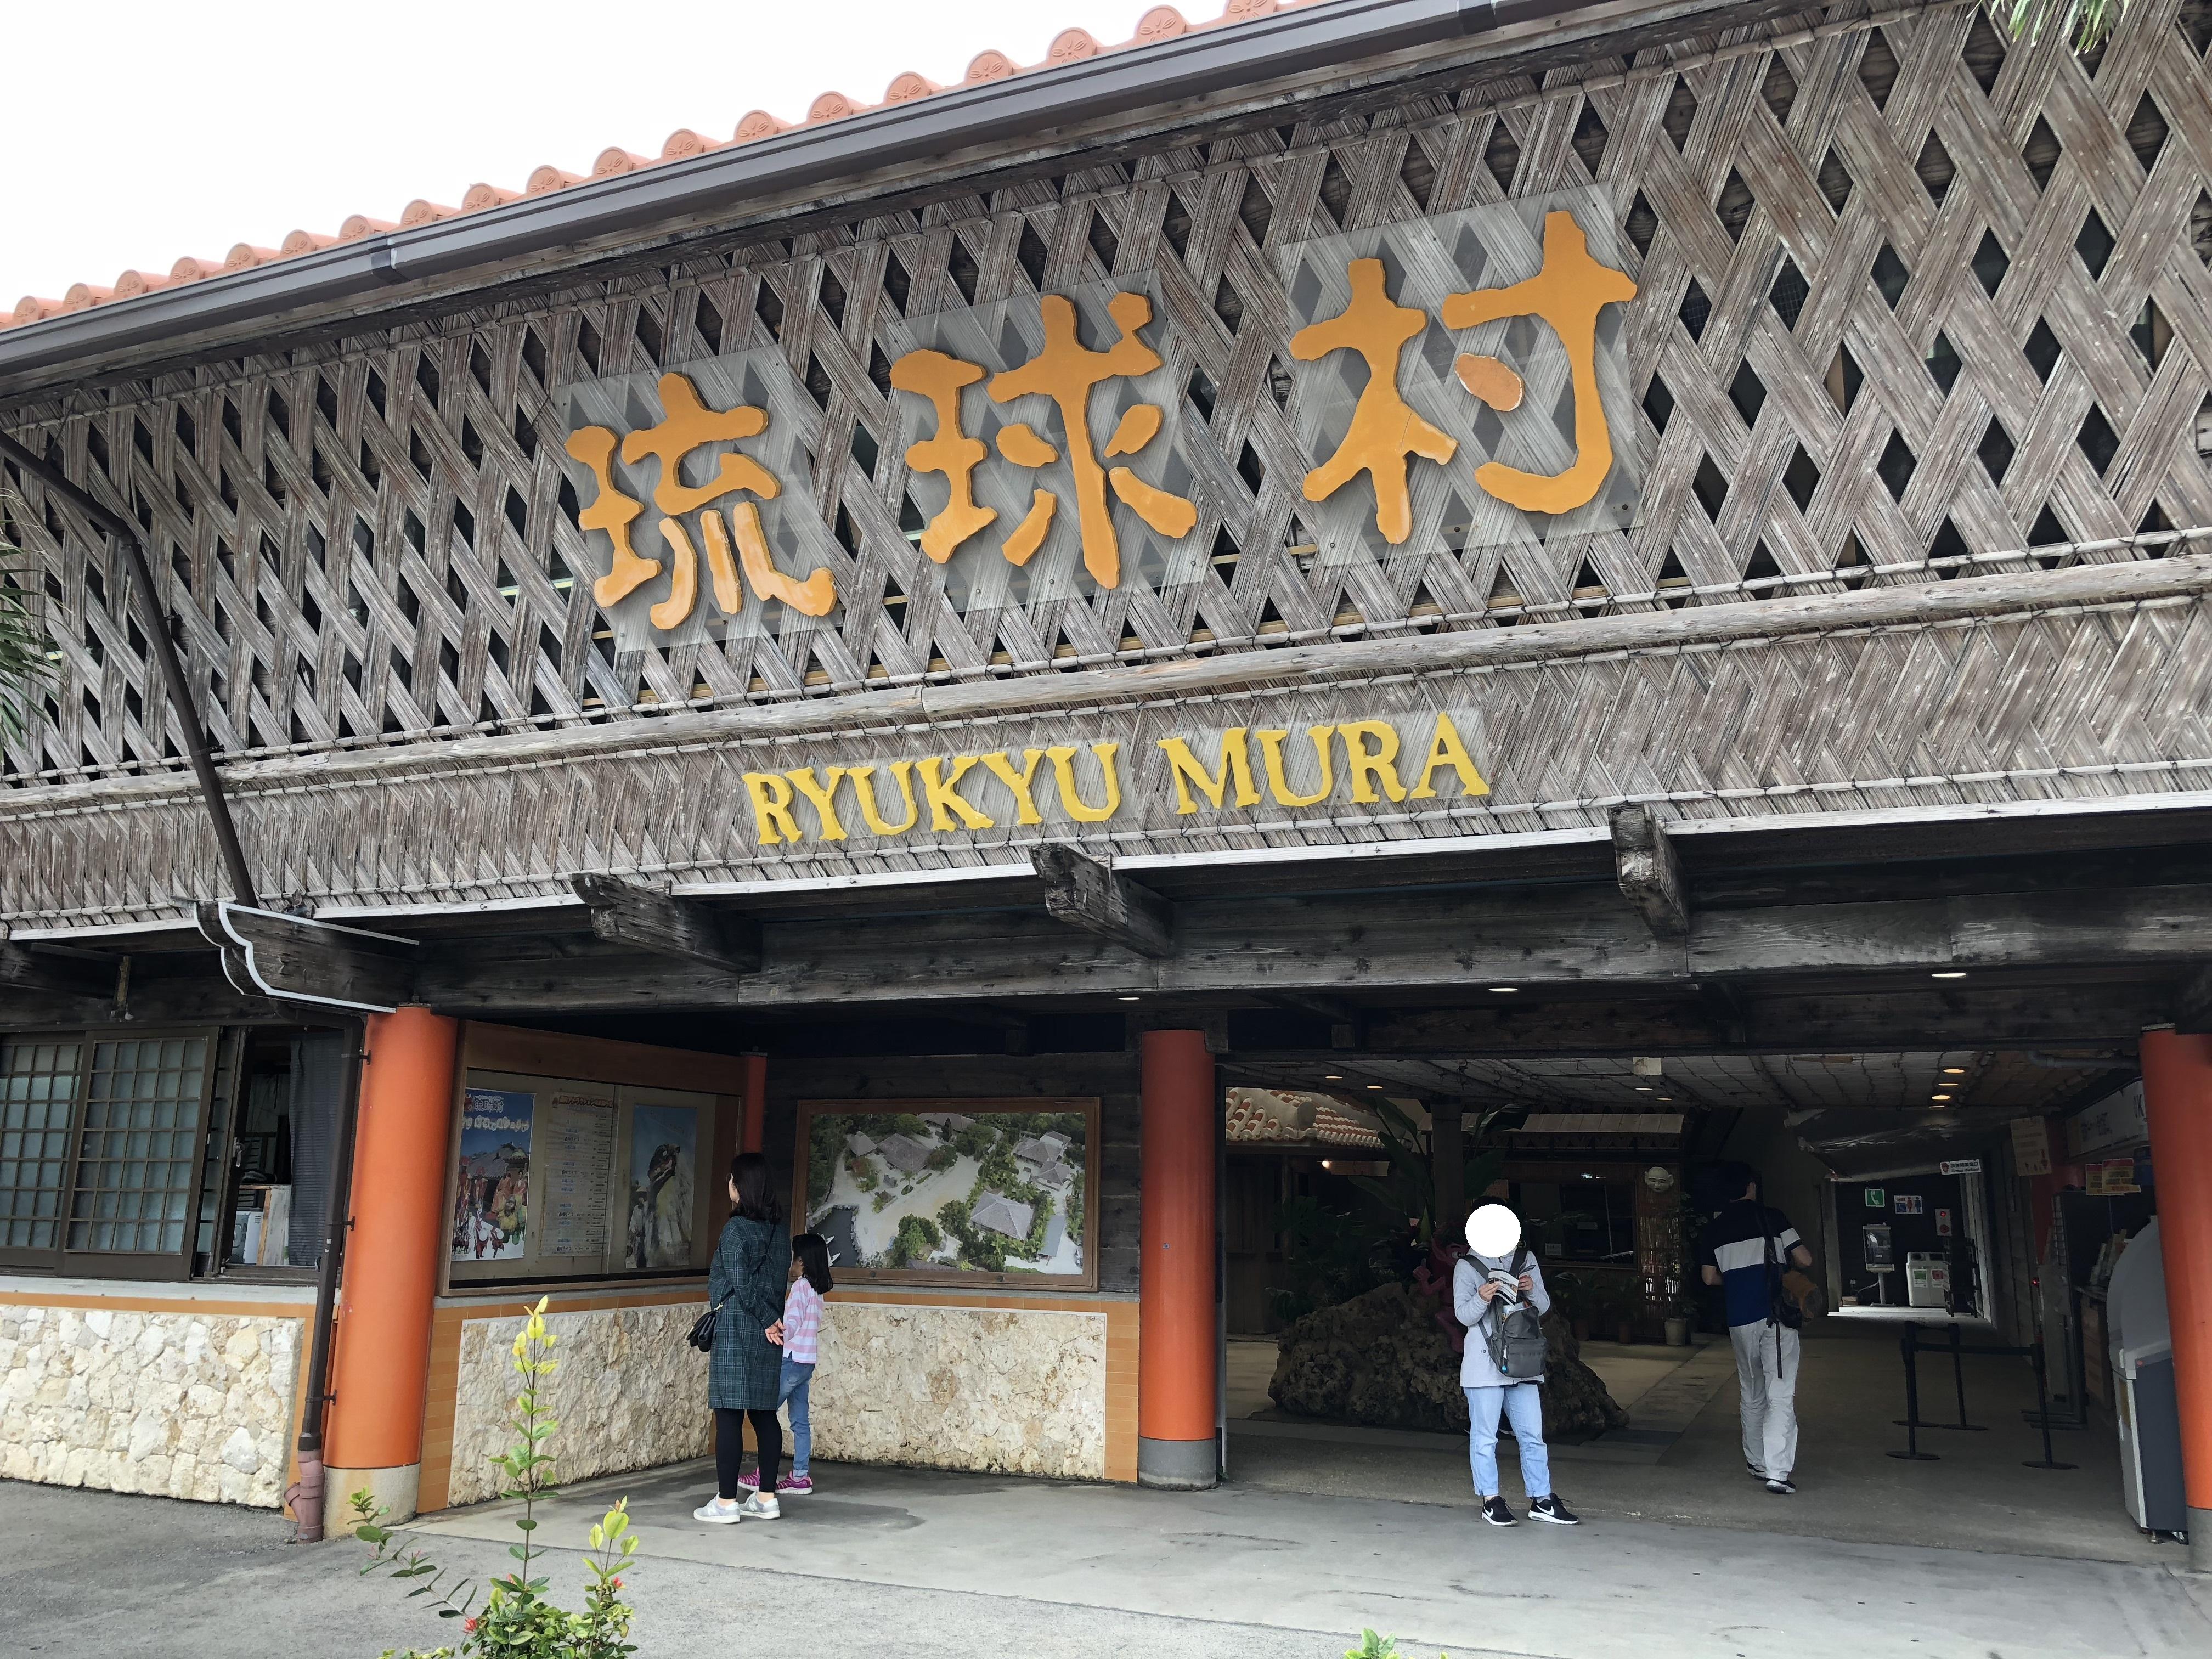 沖縄琉球村の入り口